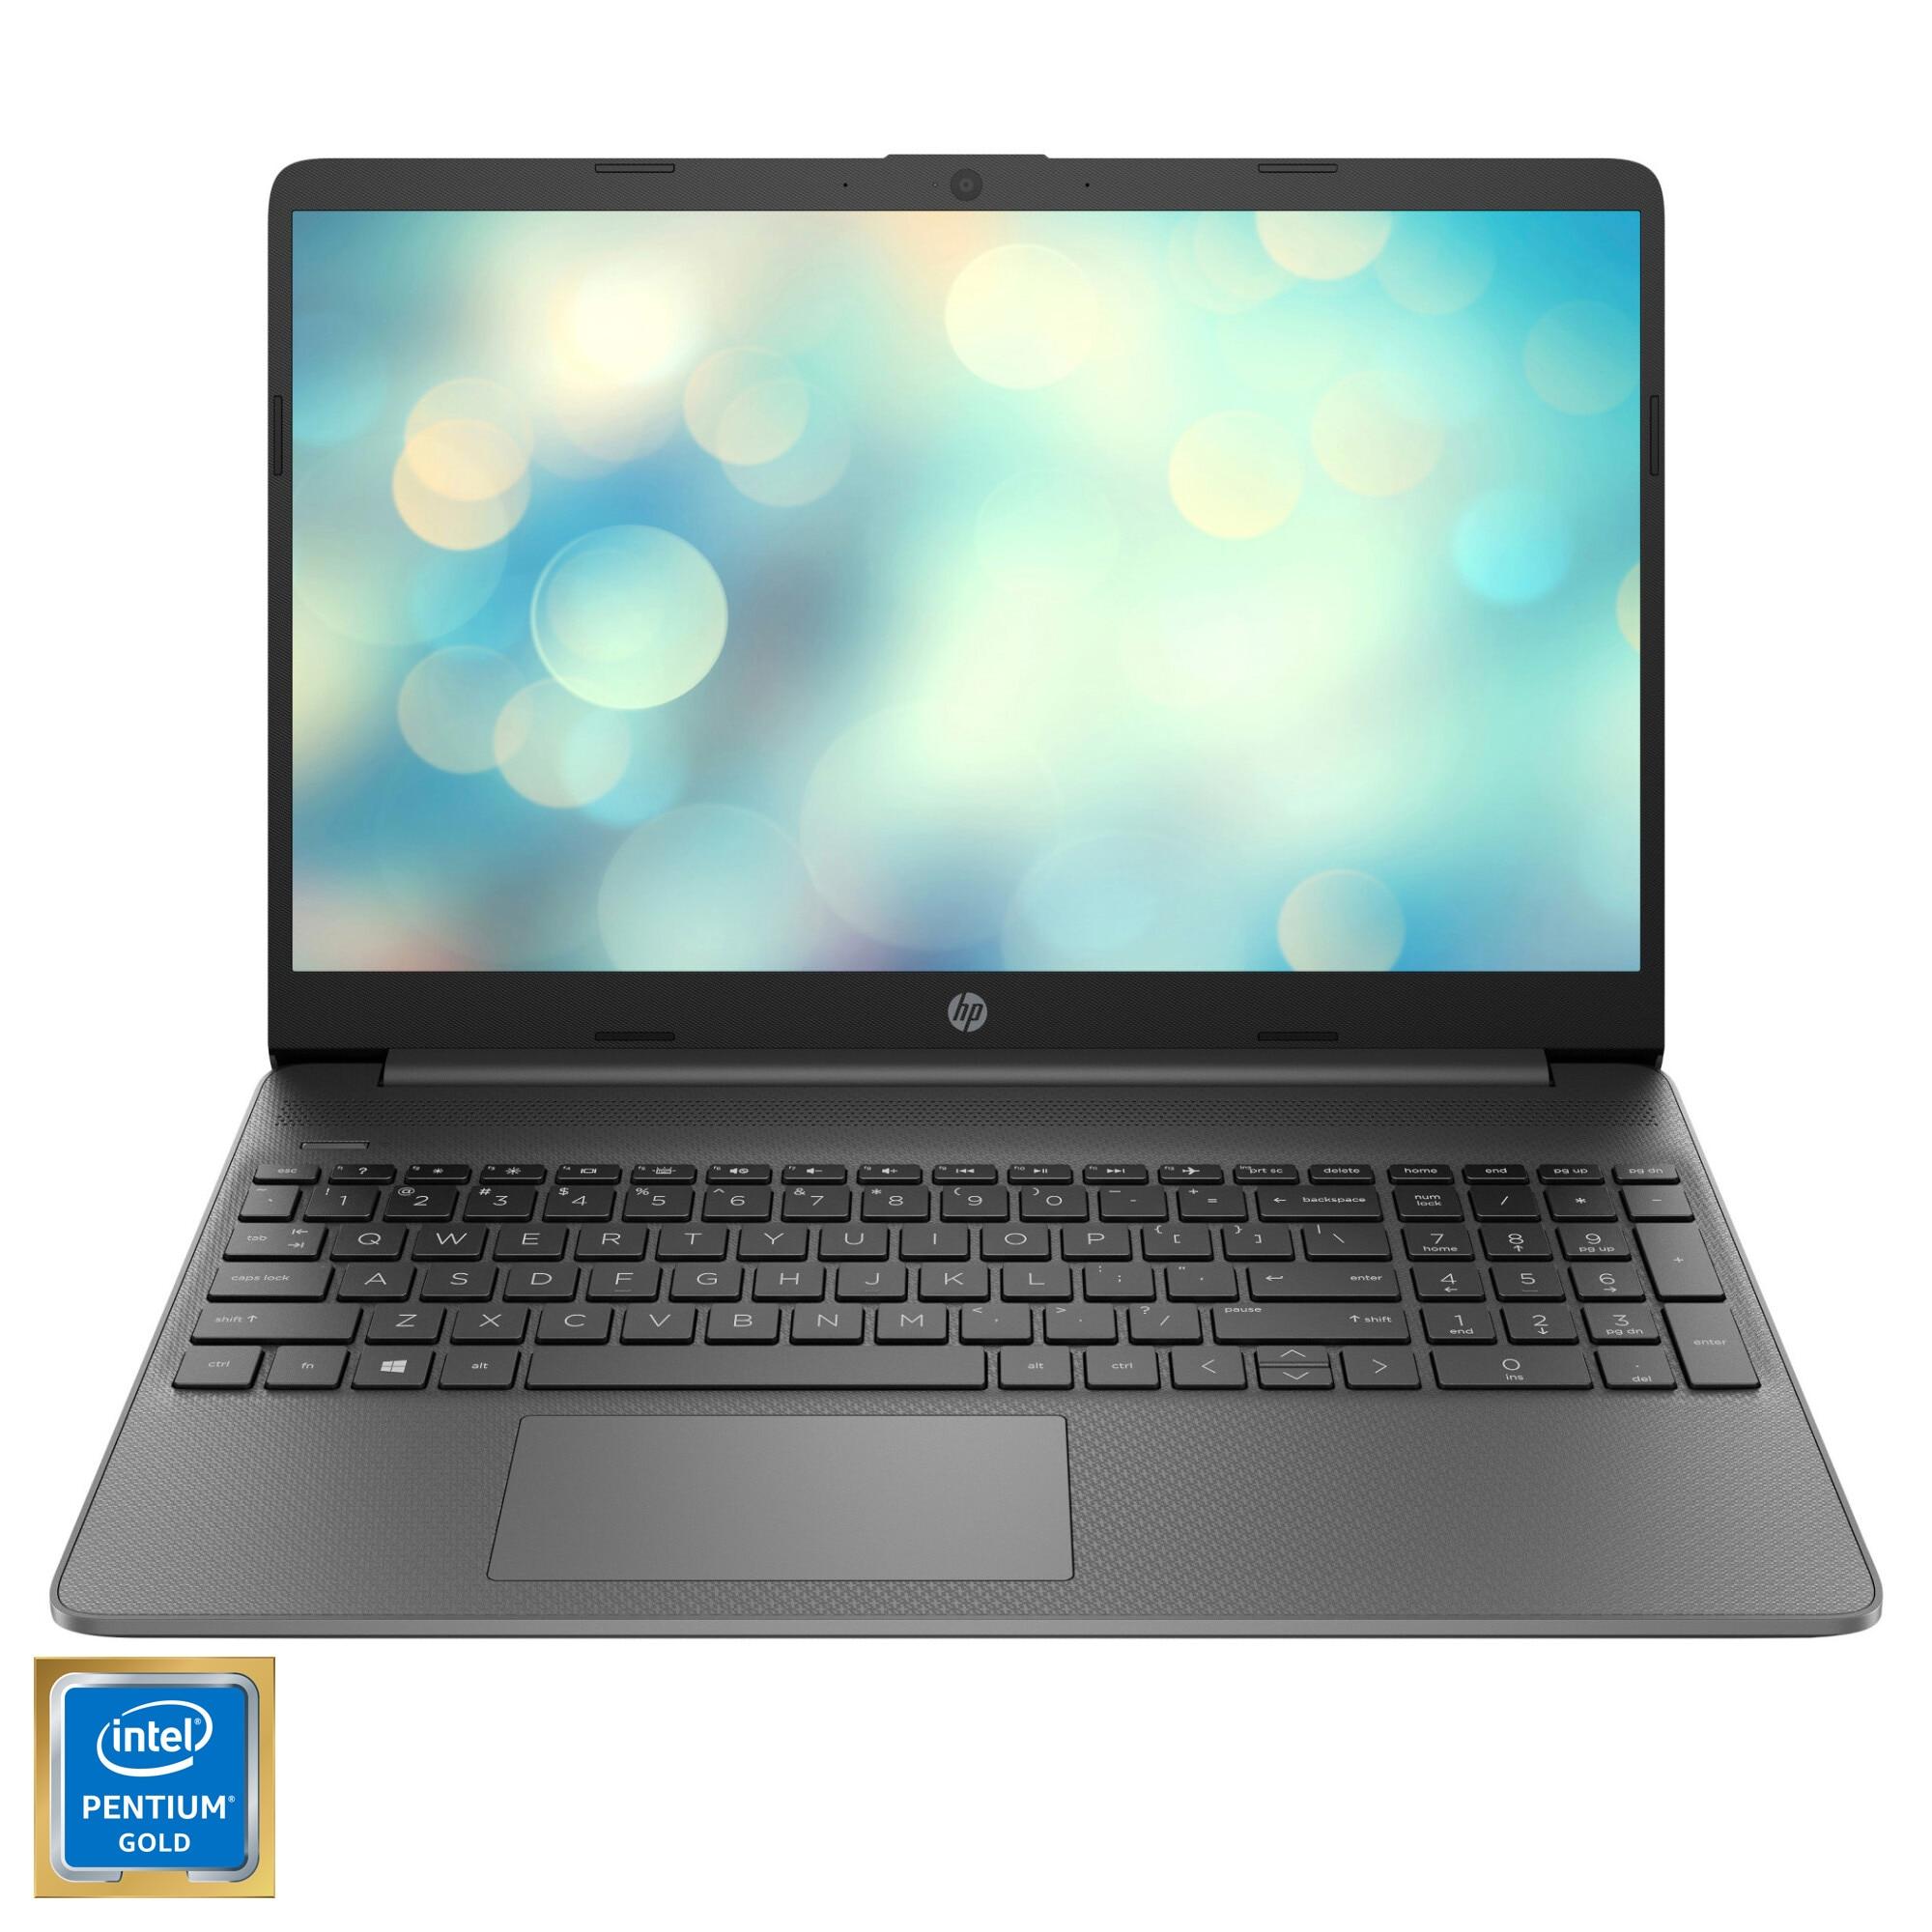 """Fotografie Laptop HP 15s-fq2044nq cu procesor Intel Pentium Gold 7505 pana la 3.50 GHz, 15.6"""", Full HD, 8GB, 256GB SSD, Intel UHD Graphics, Free DOS, Chalkboard gray"""